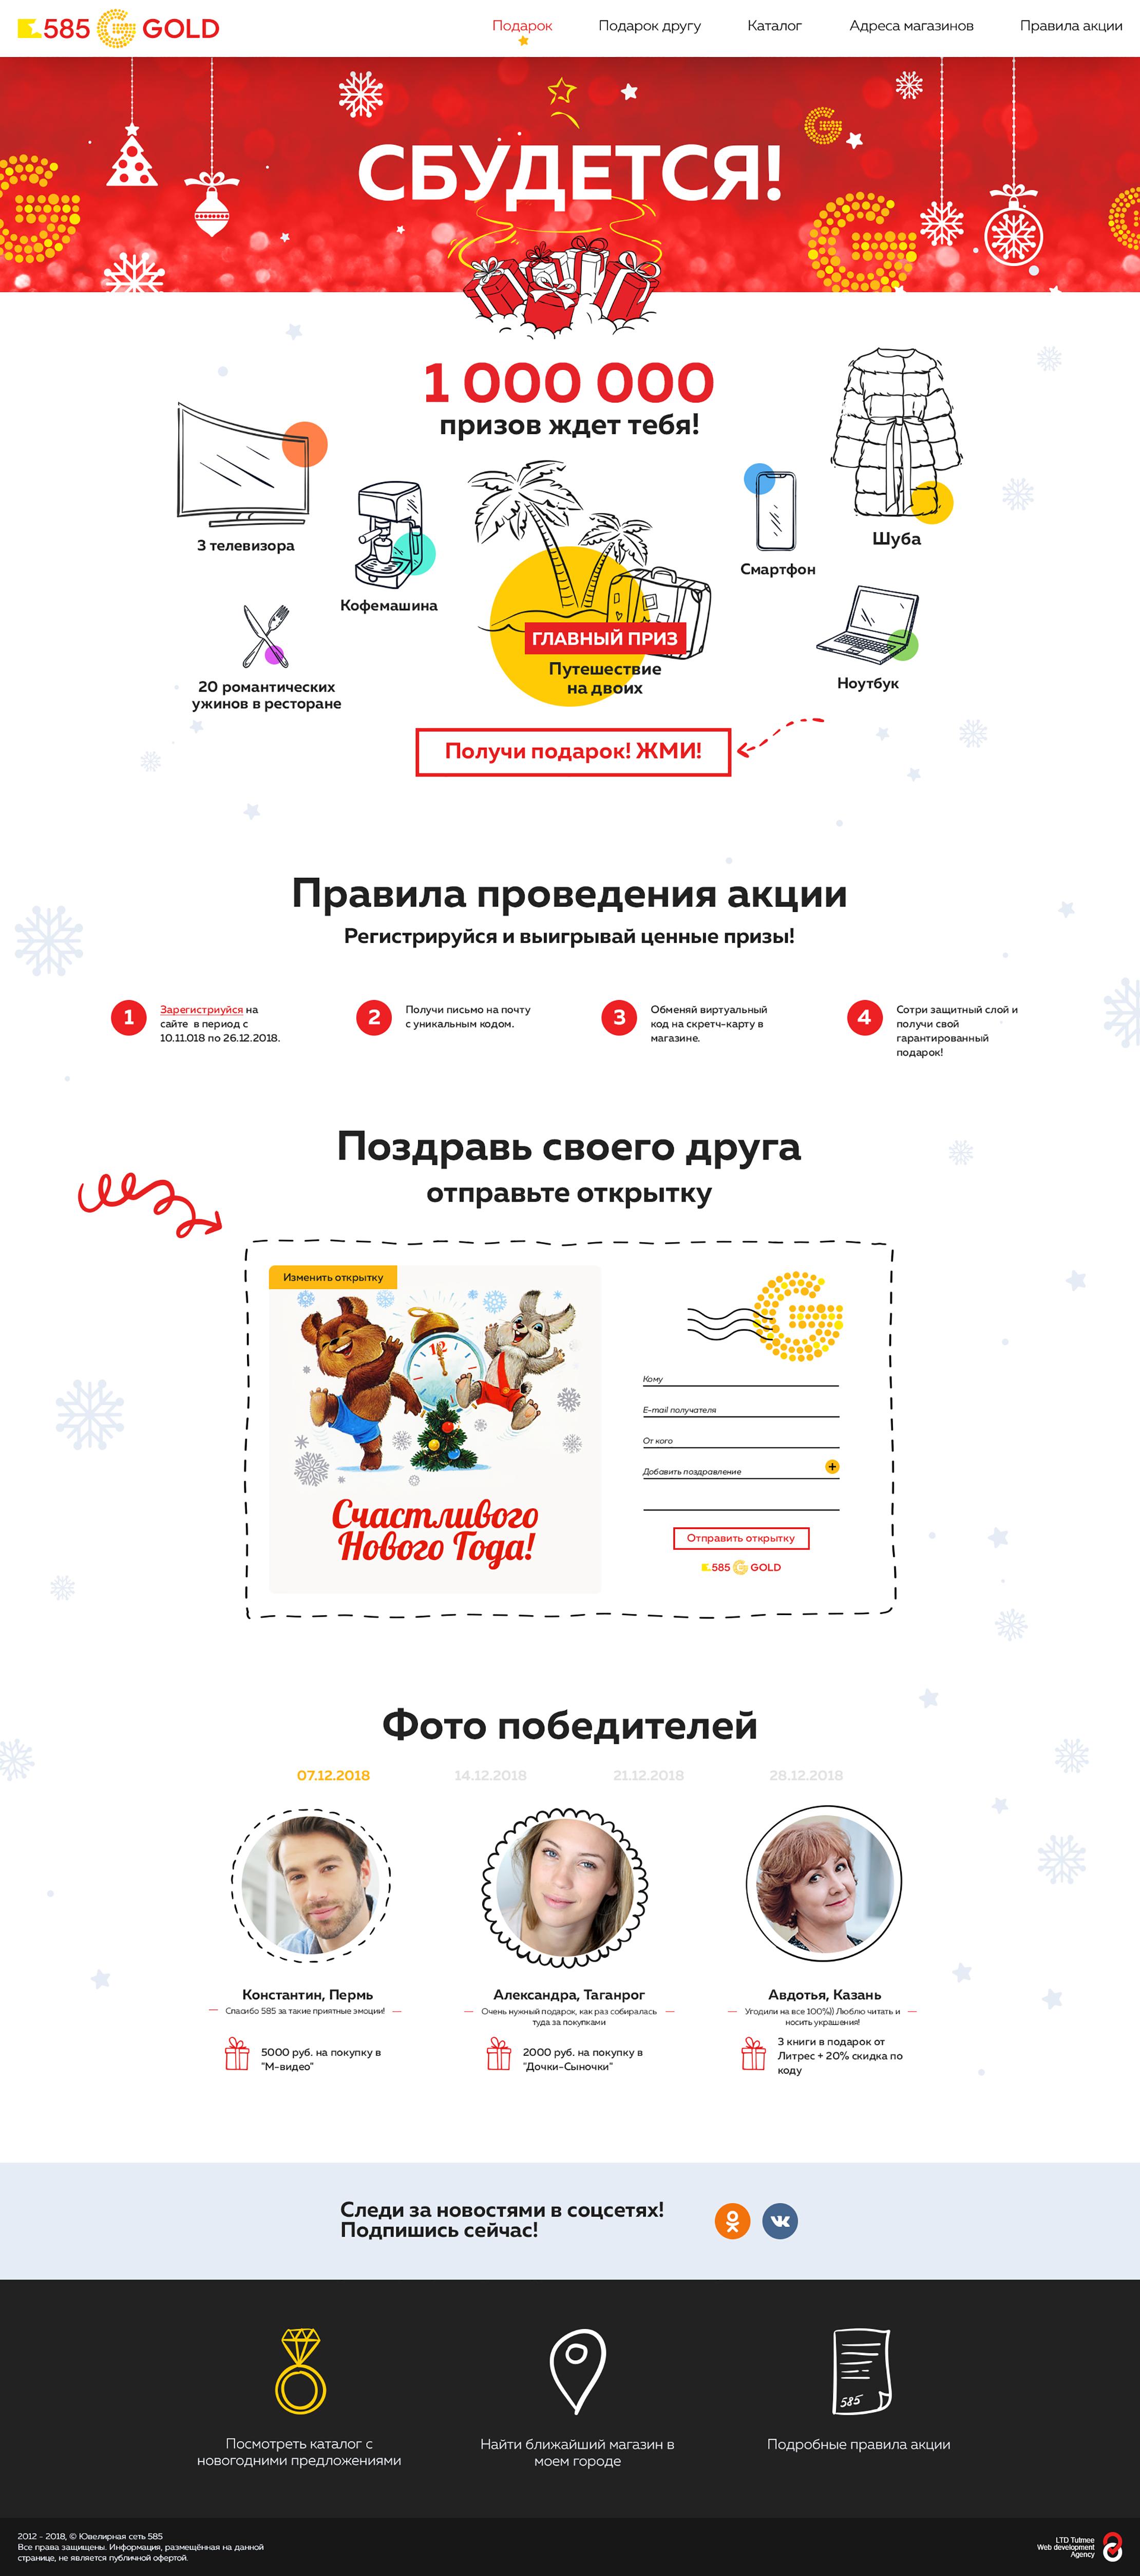 Сайт новогодней промо-акции 585